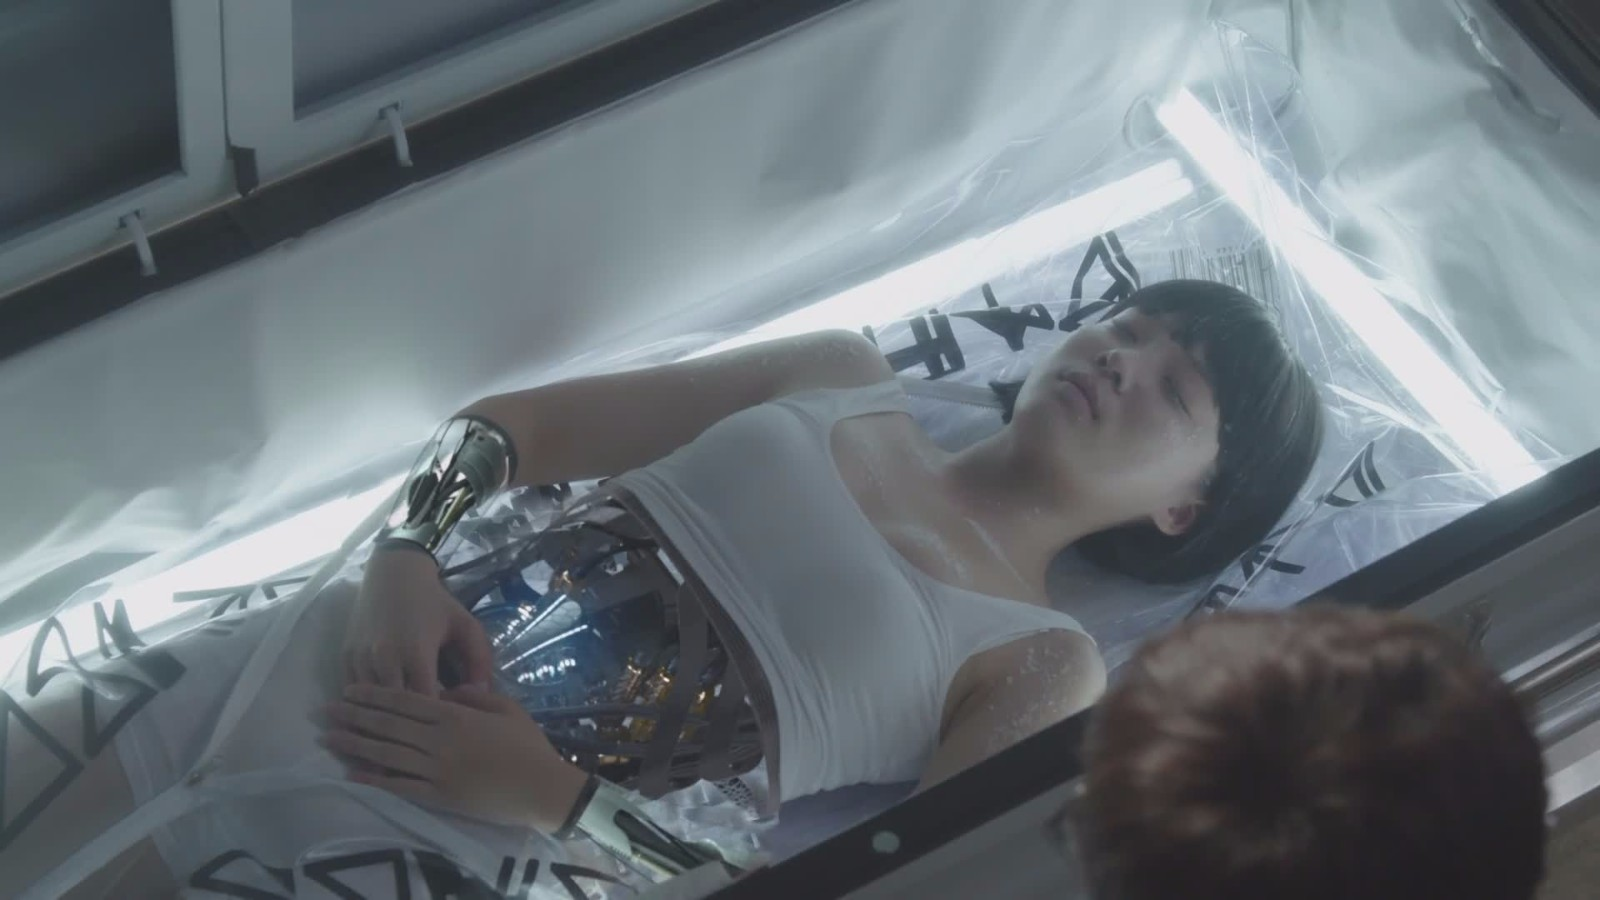 单身族们可以拥有自己的女情感机器人,奇葩的是爱上你就会死掉奥图片